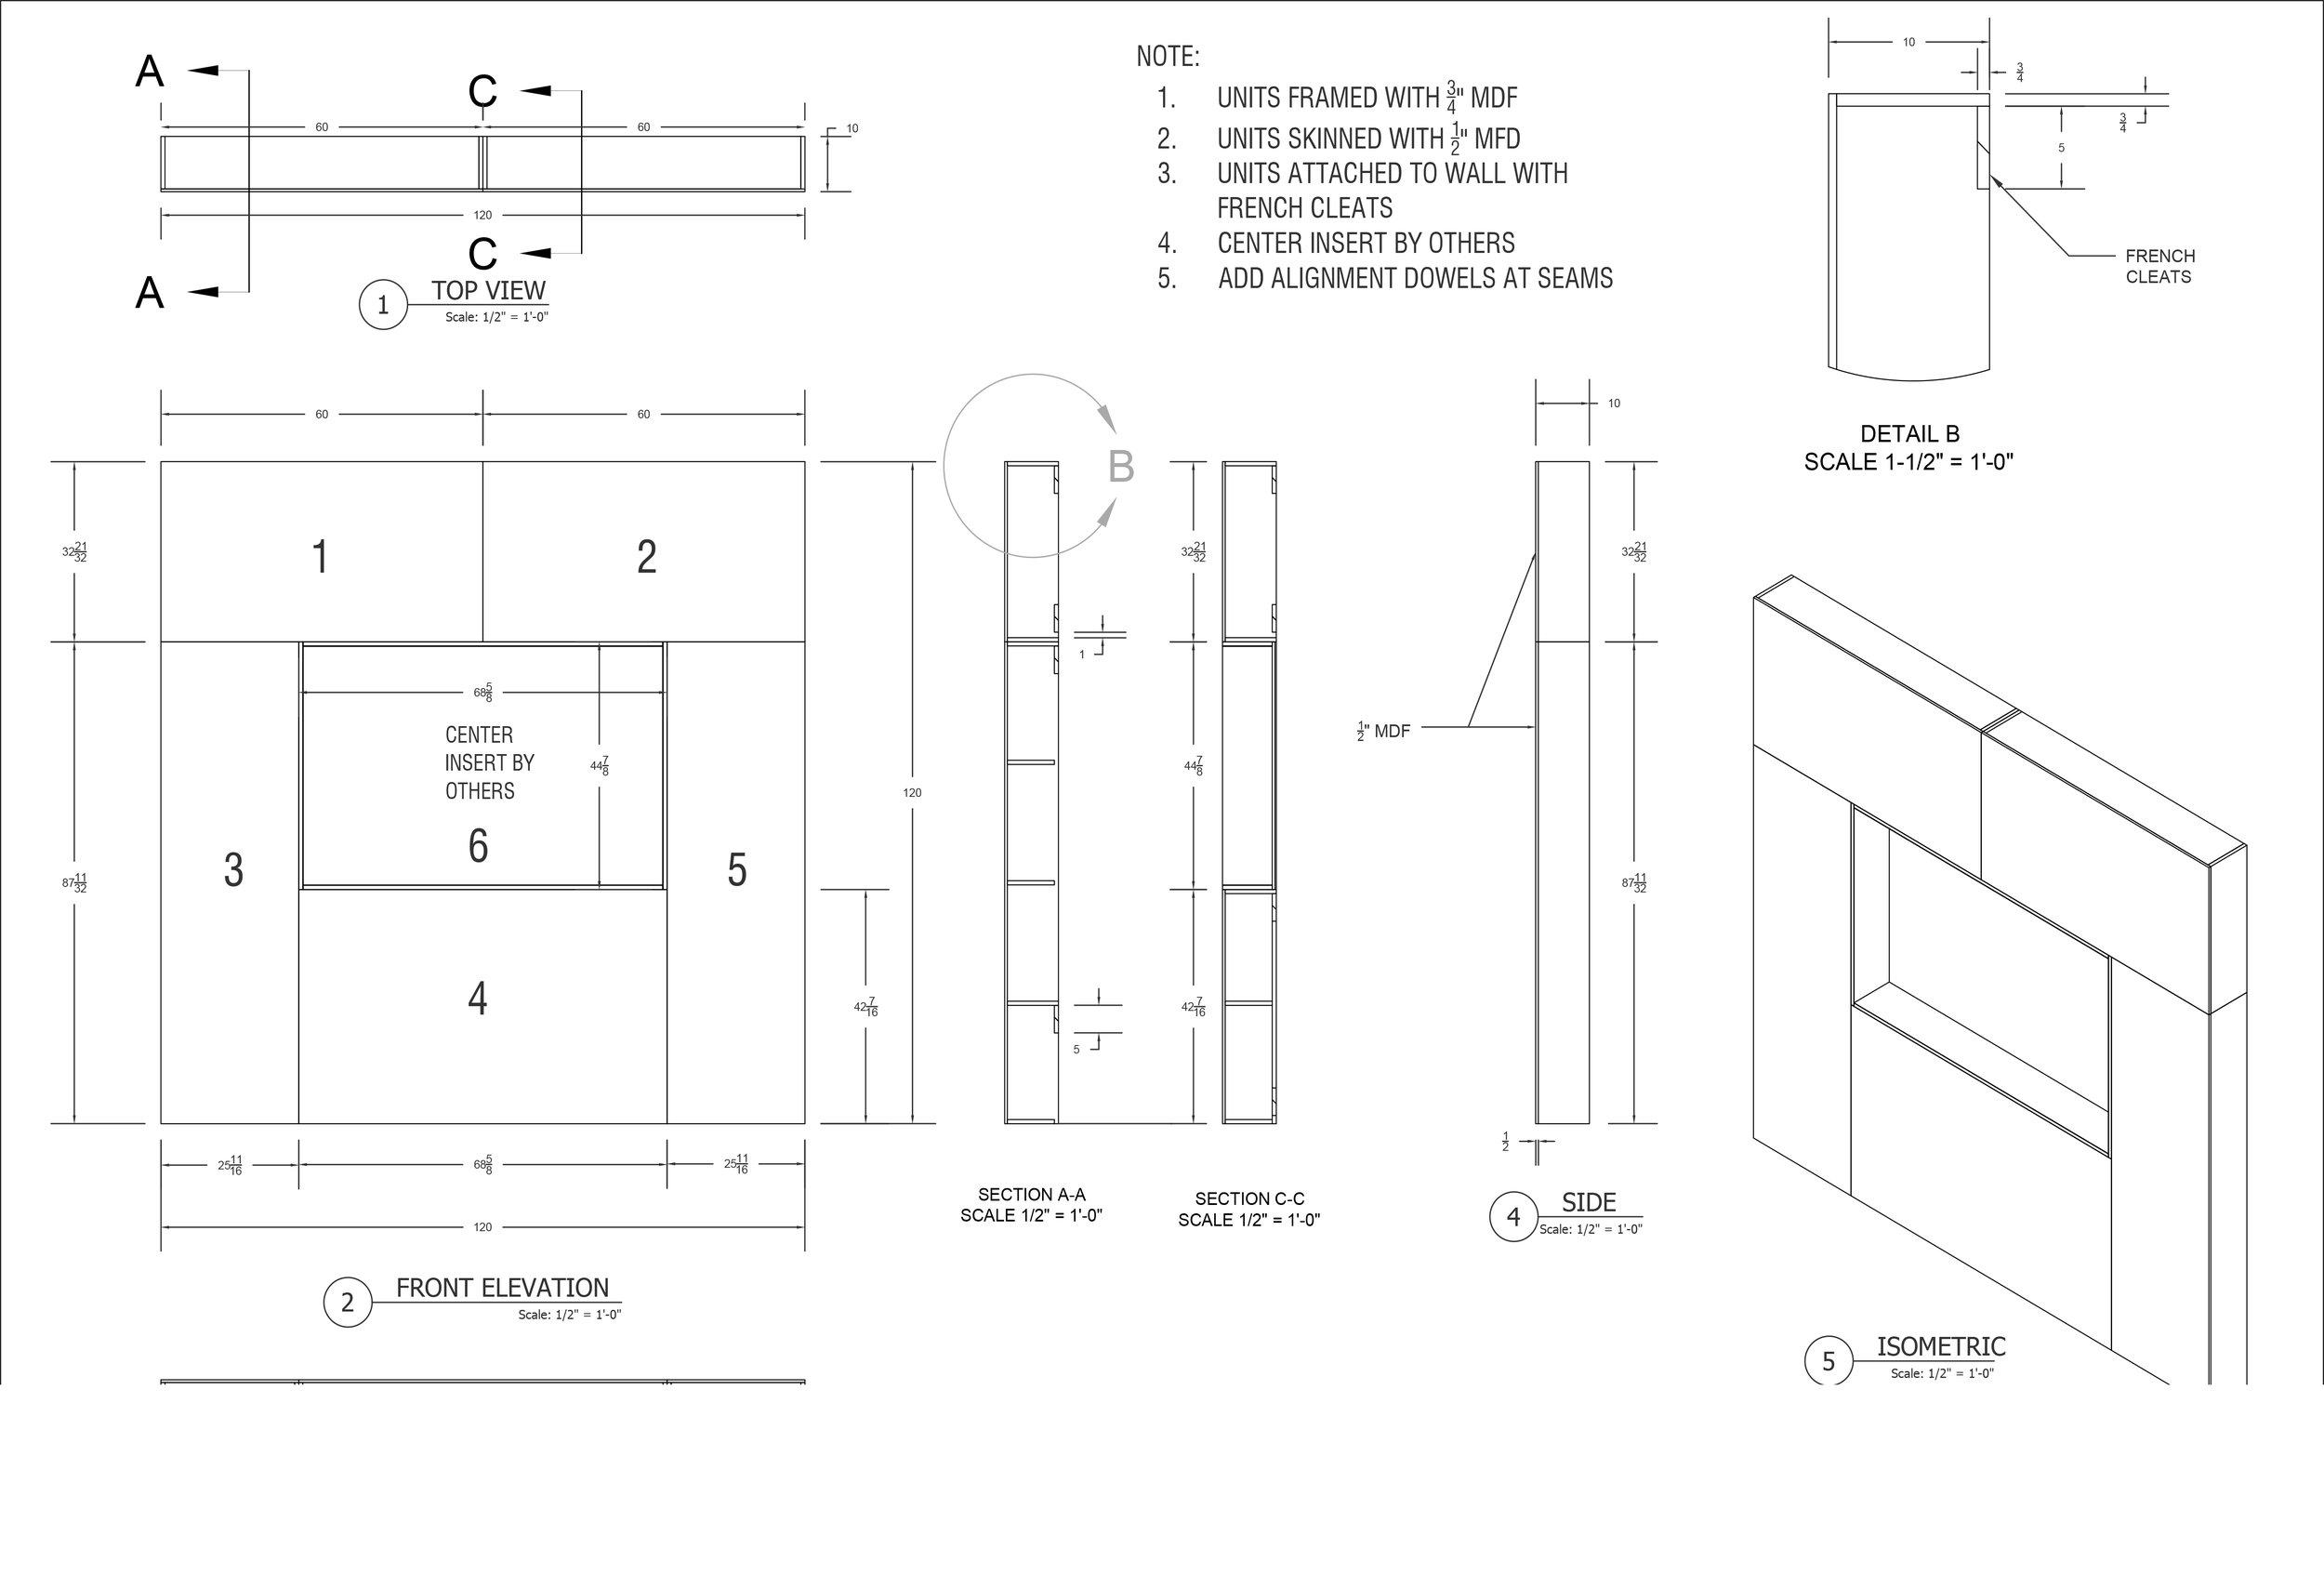 Bluegrass_Shop_-Drawings_Binder_01-10-18-393.jpg